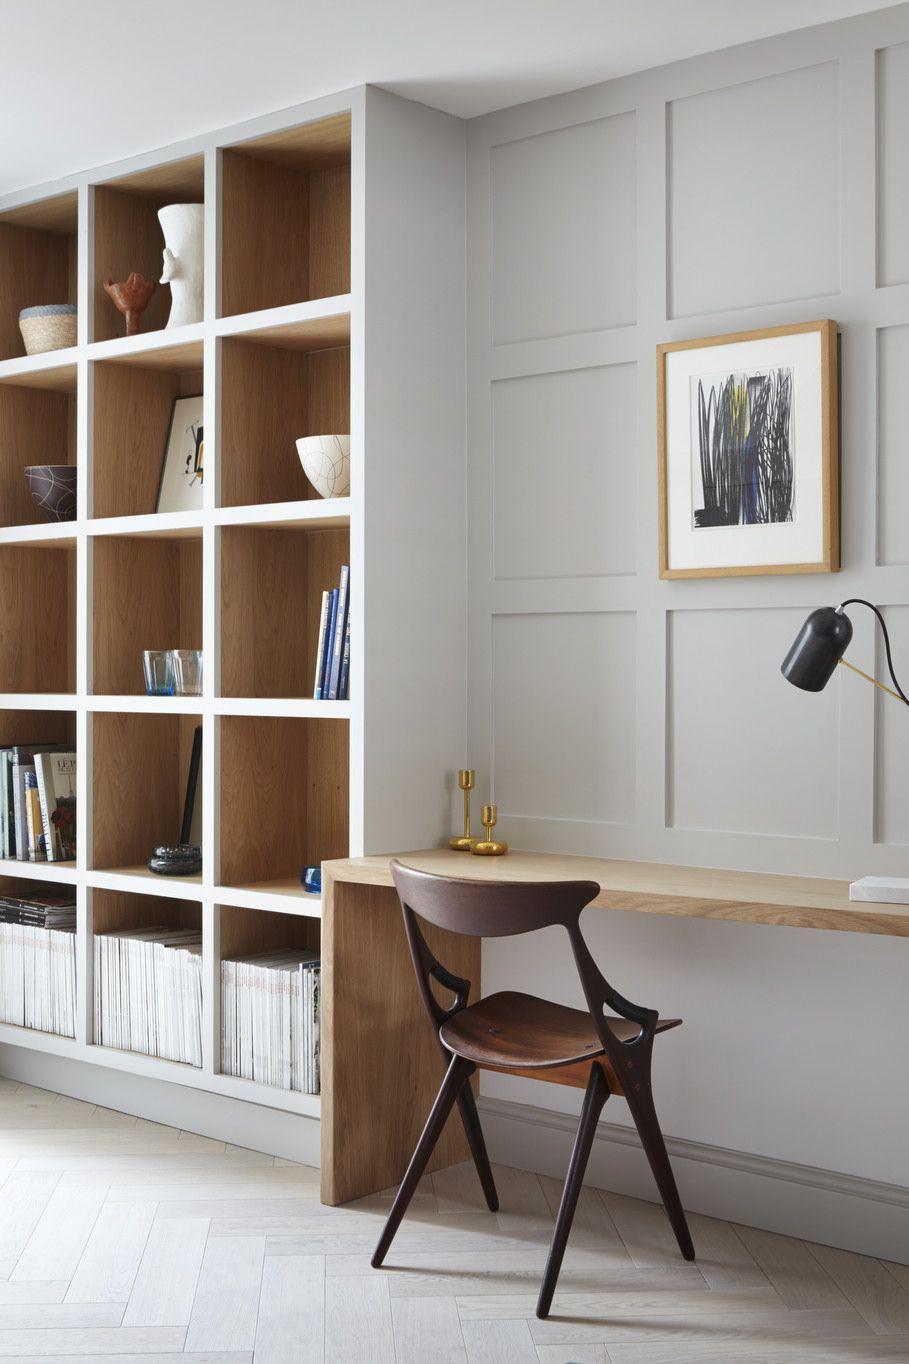 asymmetrischedriehoekig bureaublad kleur in contrast met kasten keuken donkergebeitst